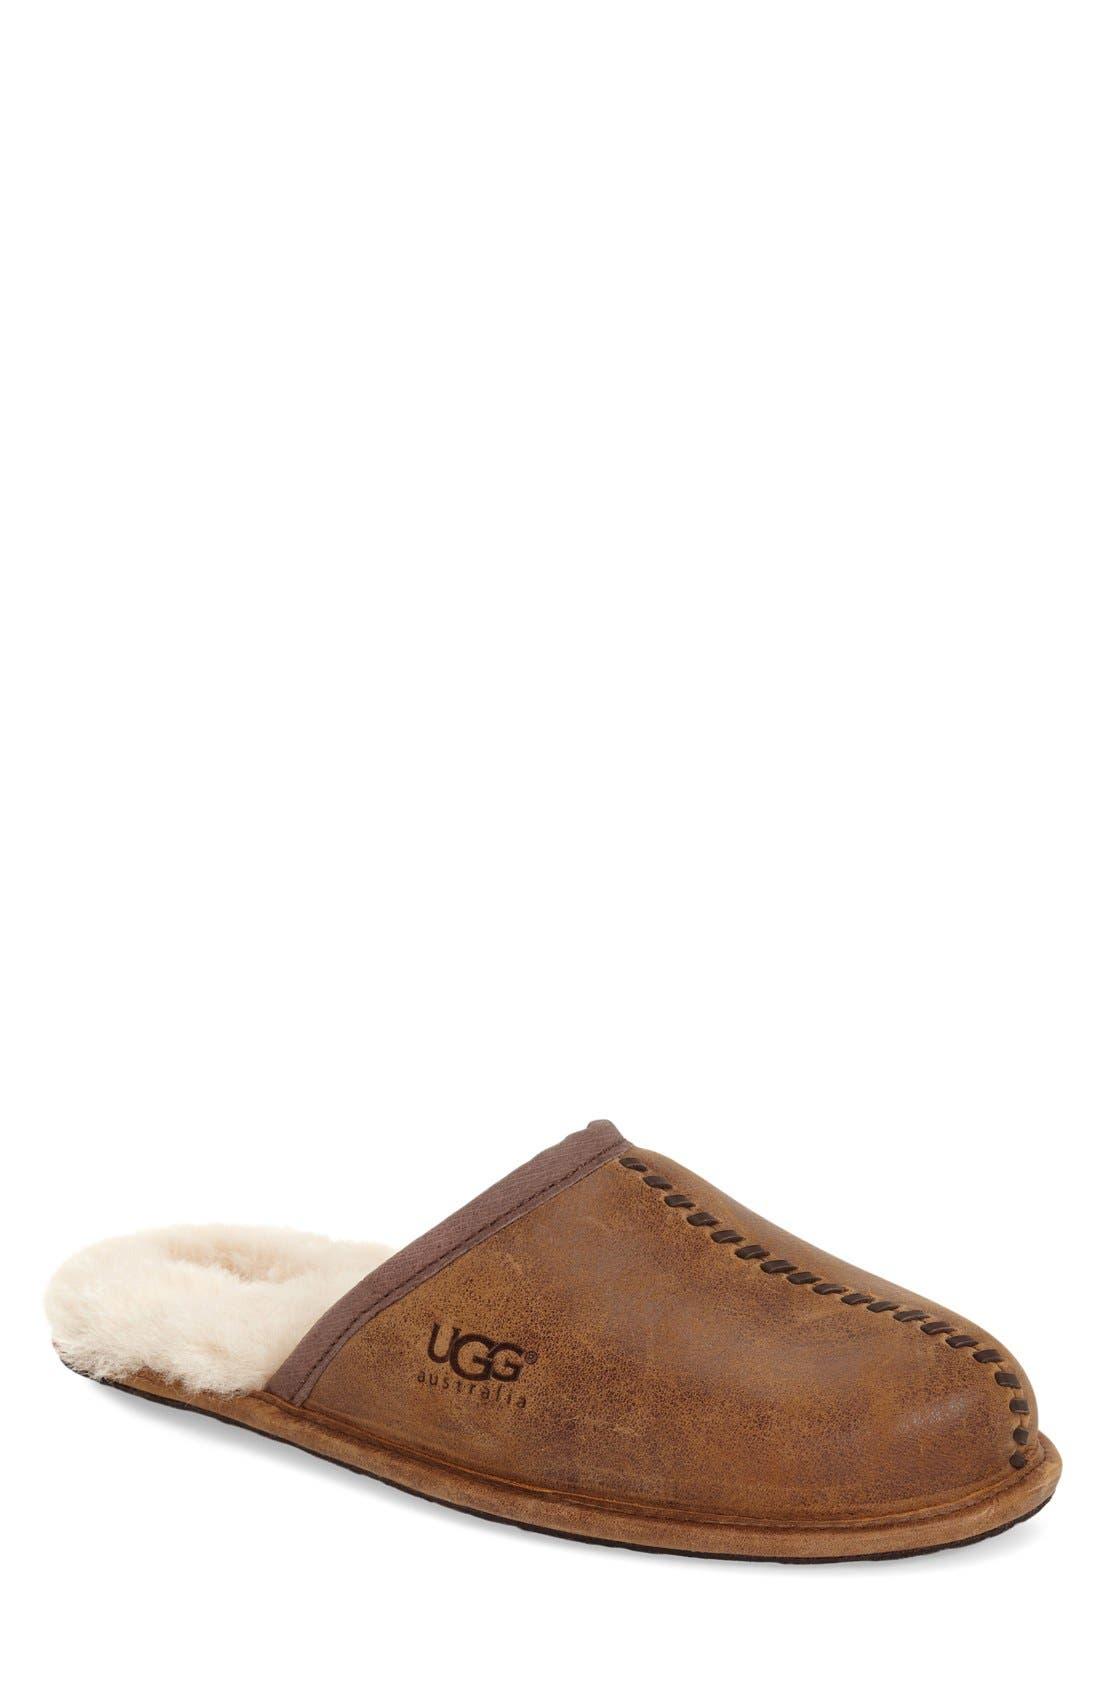 Scuff - Deco Genuine Shearling Slipper,                         Main,                         color, 219